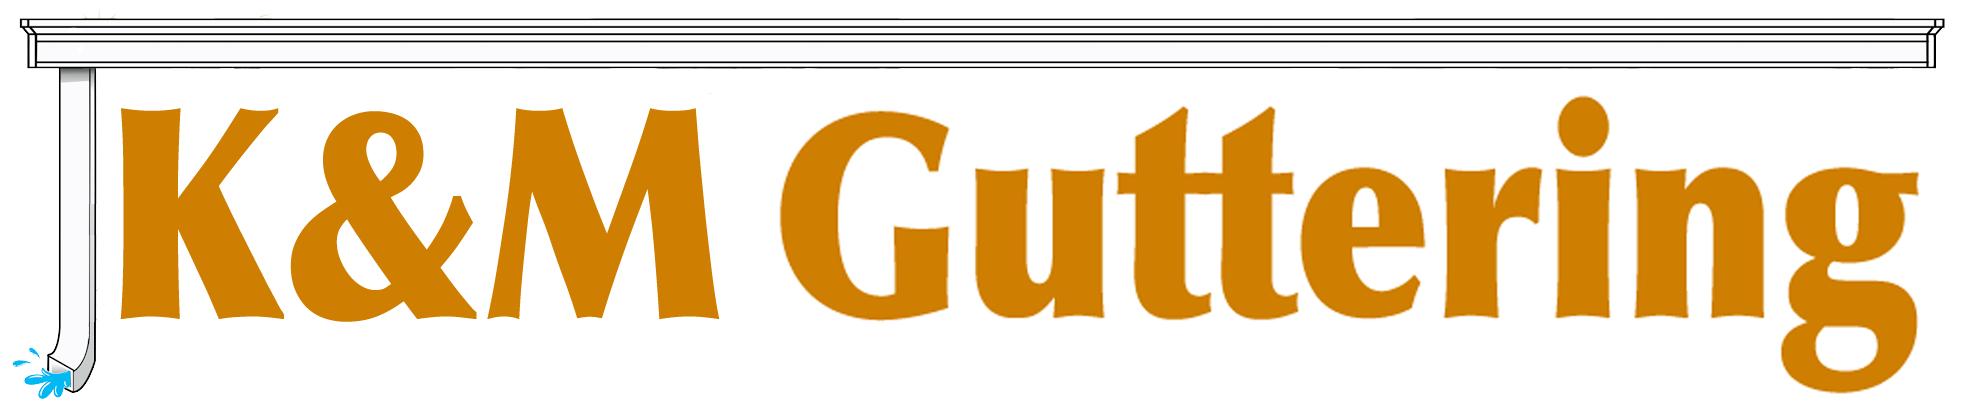 K&M Guttering 405-595-9090